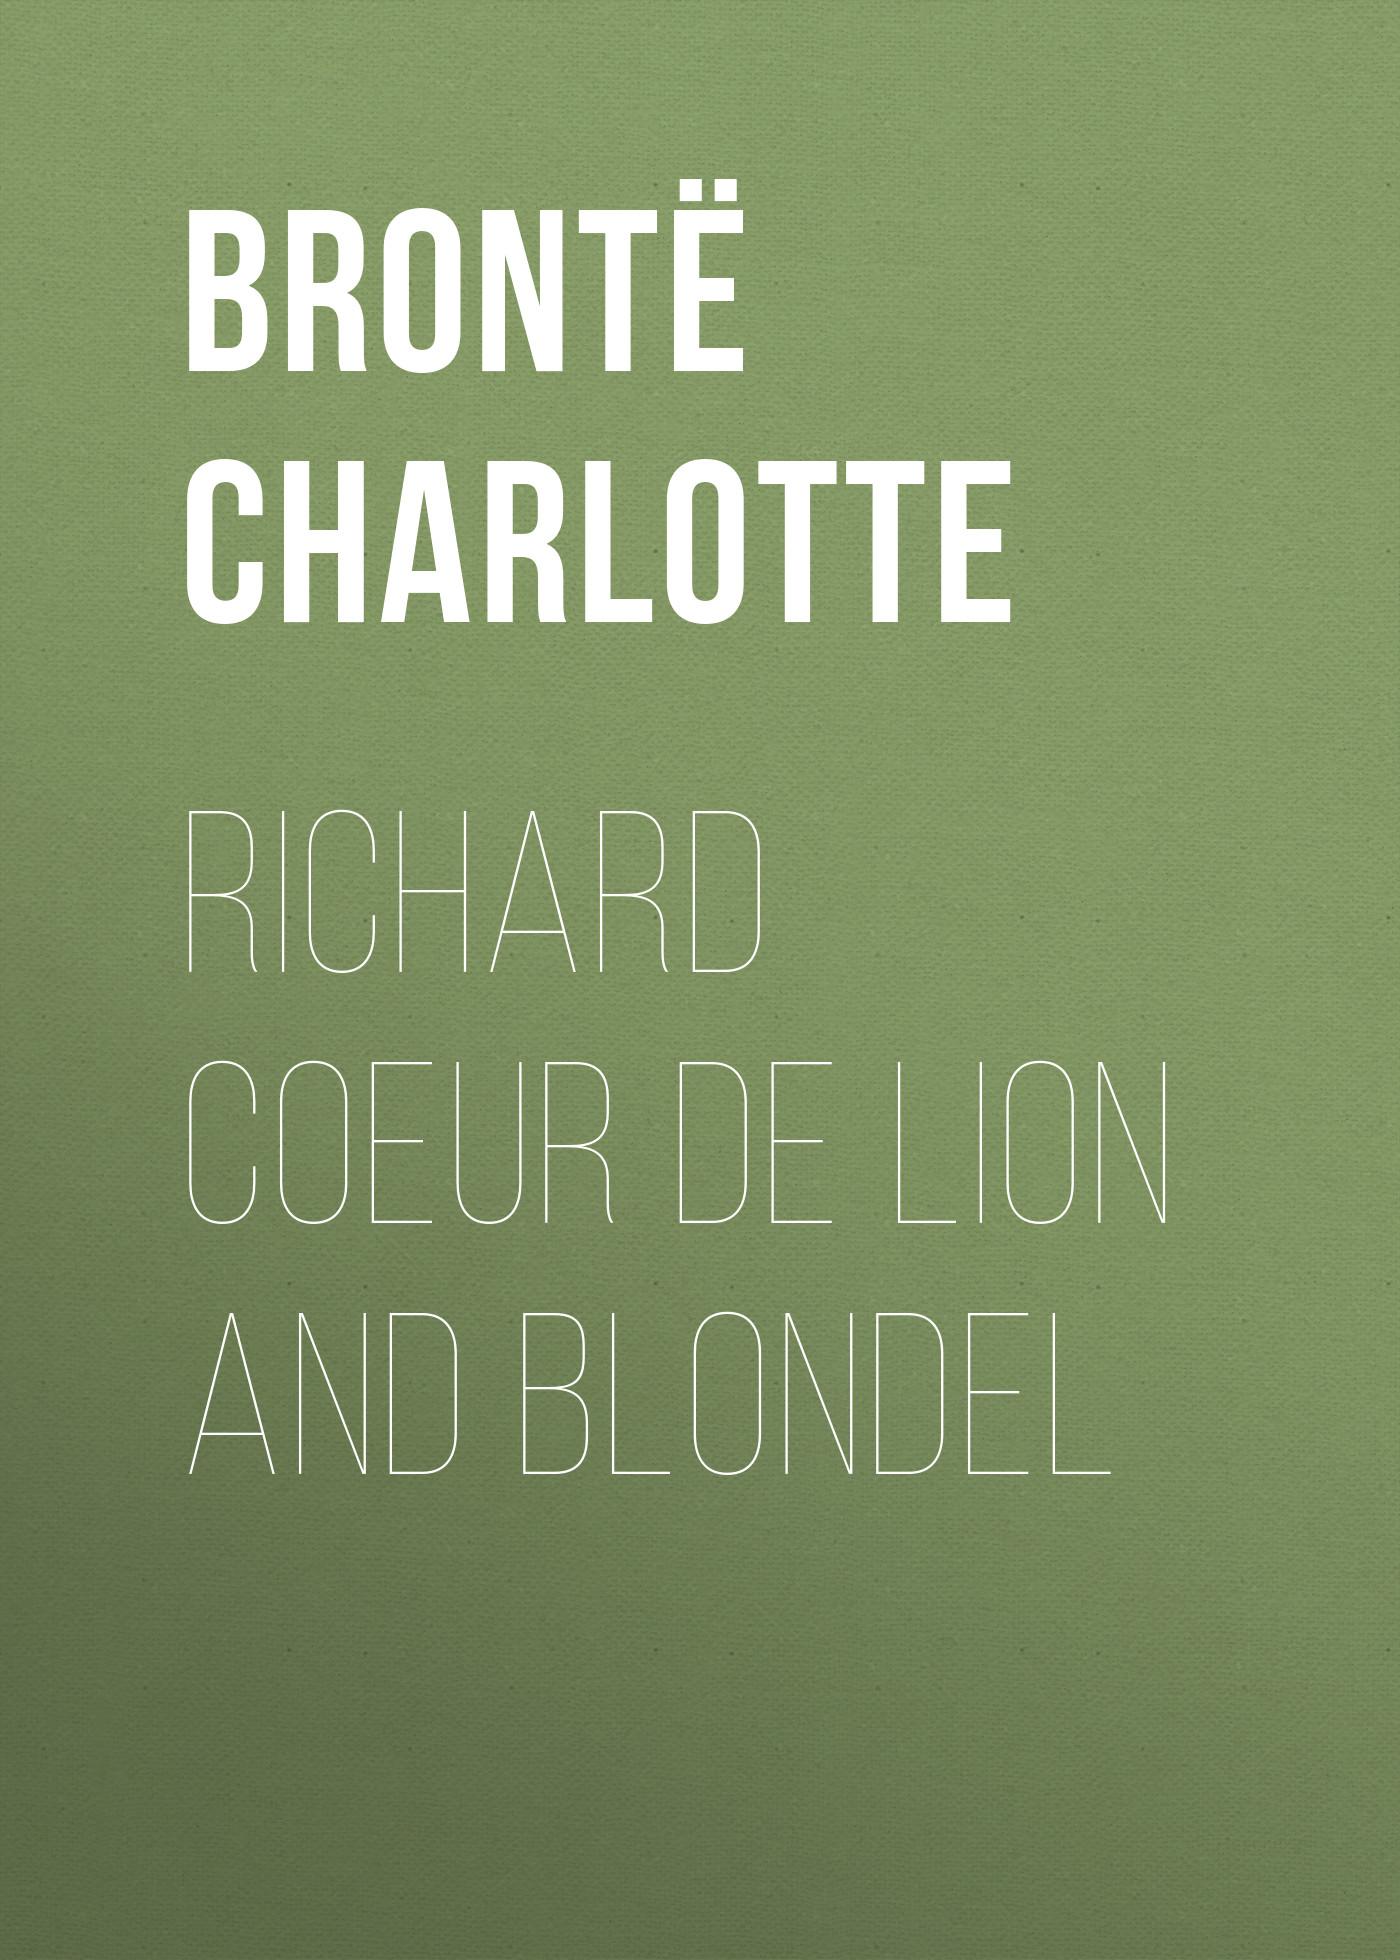 Шарлотта Бронте Richard Coeur de Lion and Blondel